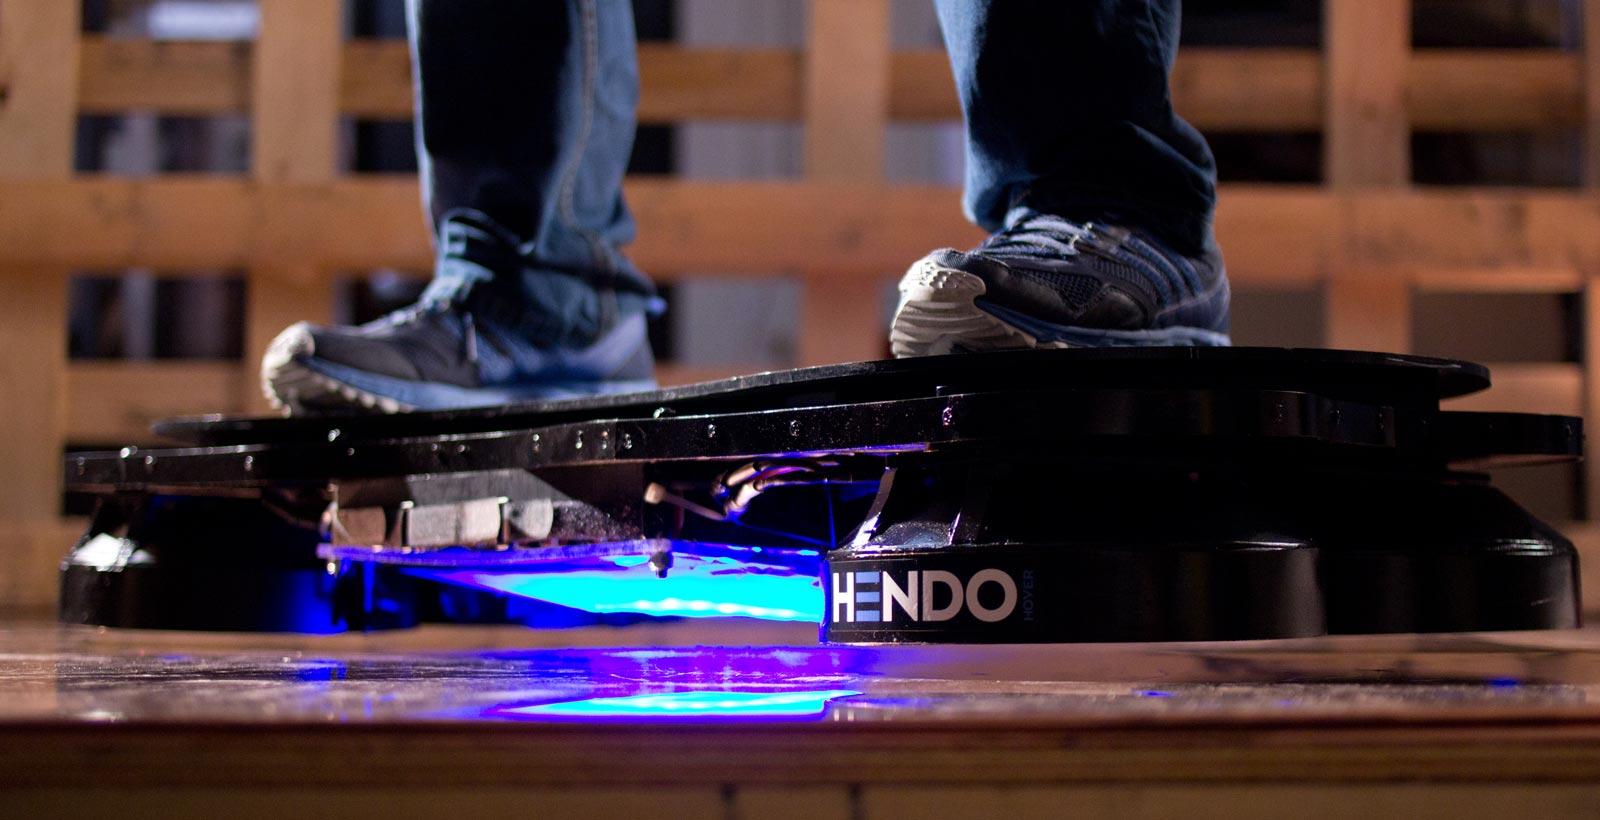 Le Hendo Hoverboard dans la réalité (Image : Hendo).